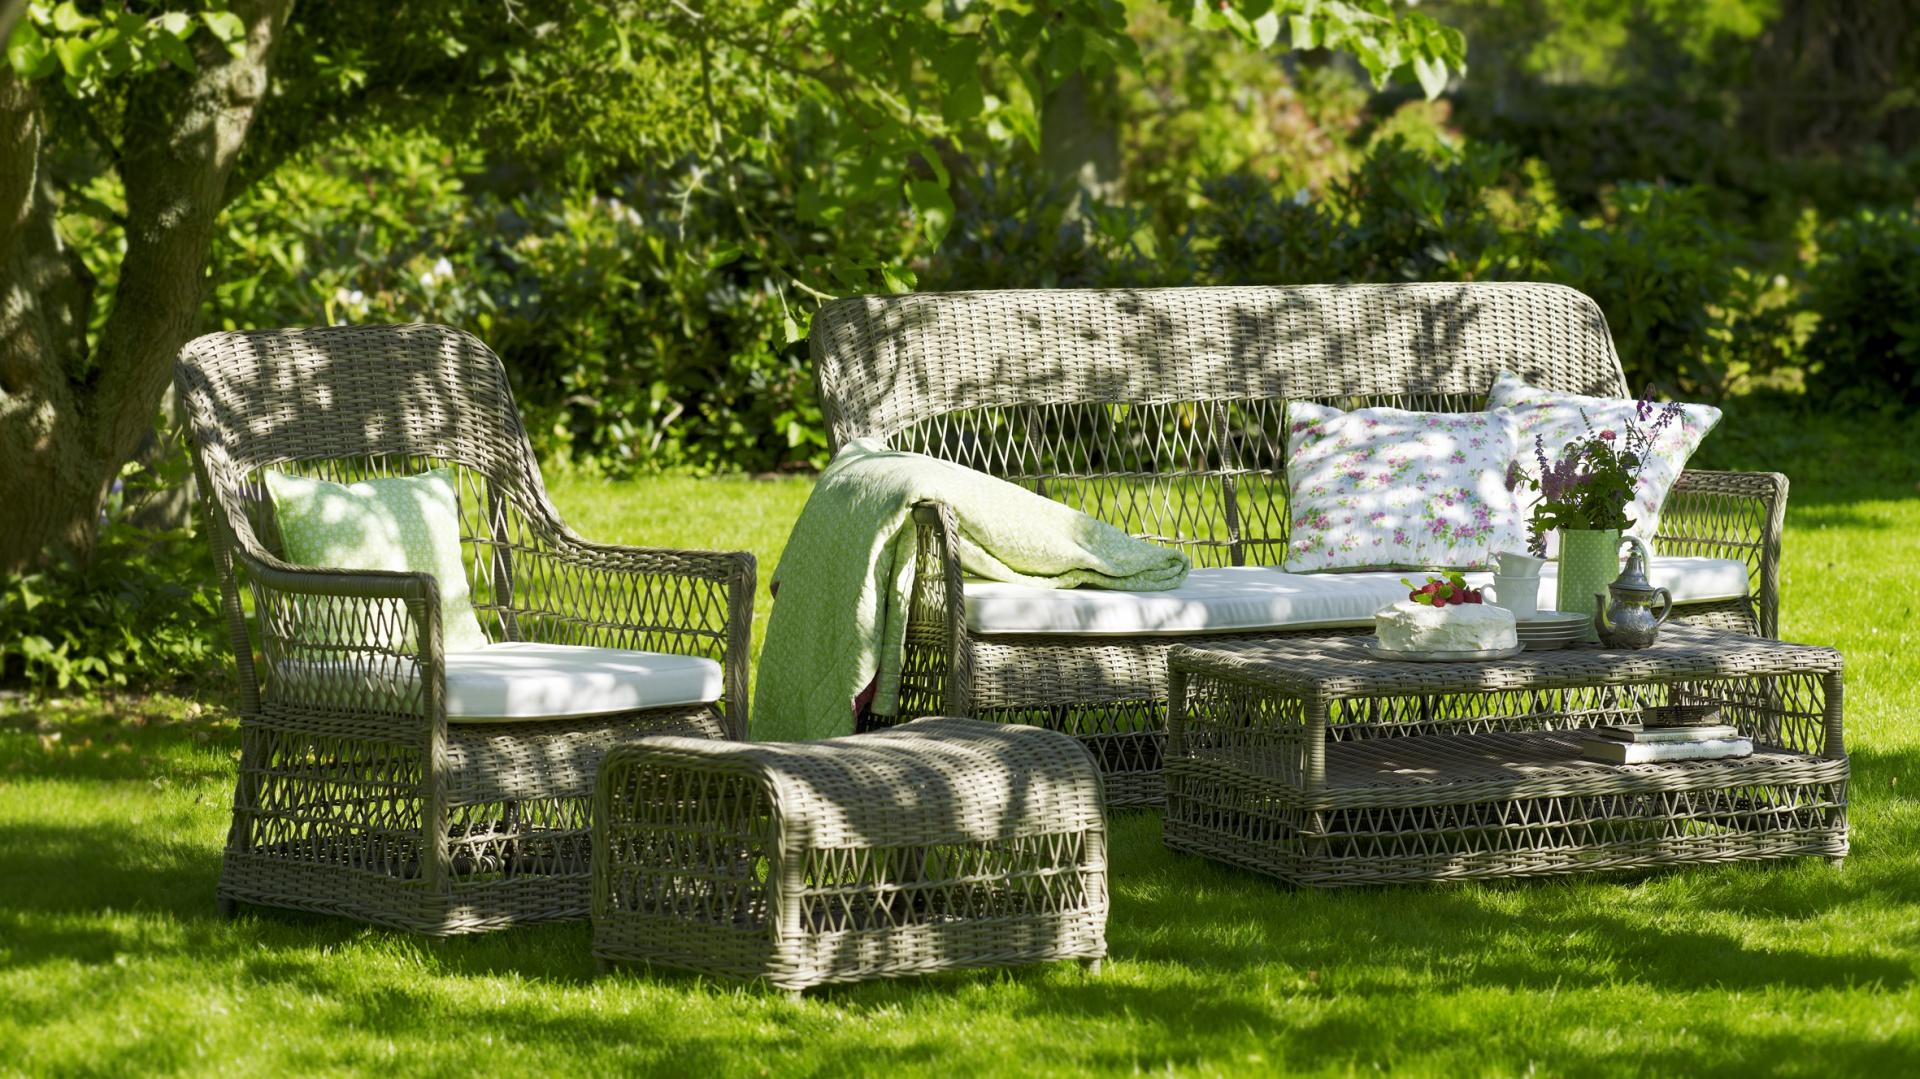 Stylowe meble ogrodowe z kolekcji Georgia Garden marki Sika Design wyróżnia tradycyjny splot rattanu w naturalnym szarym wybarwieniu. Fot. Sika Design.